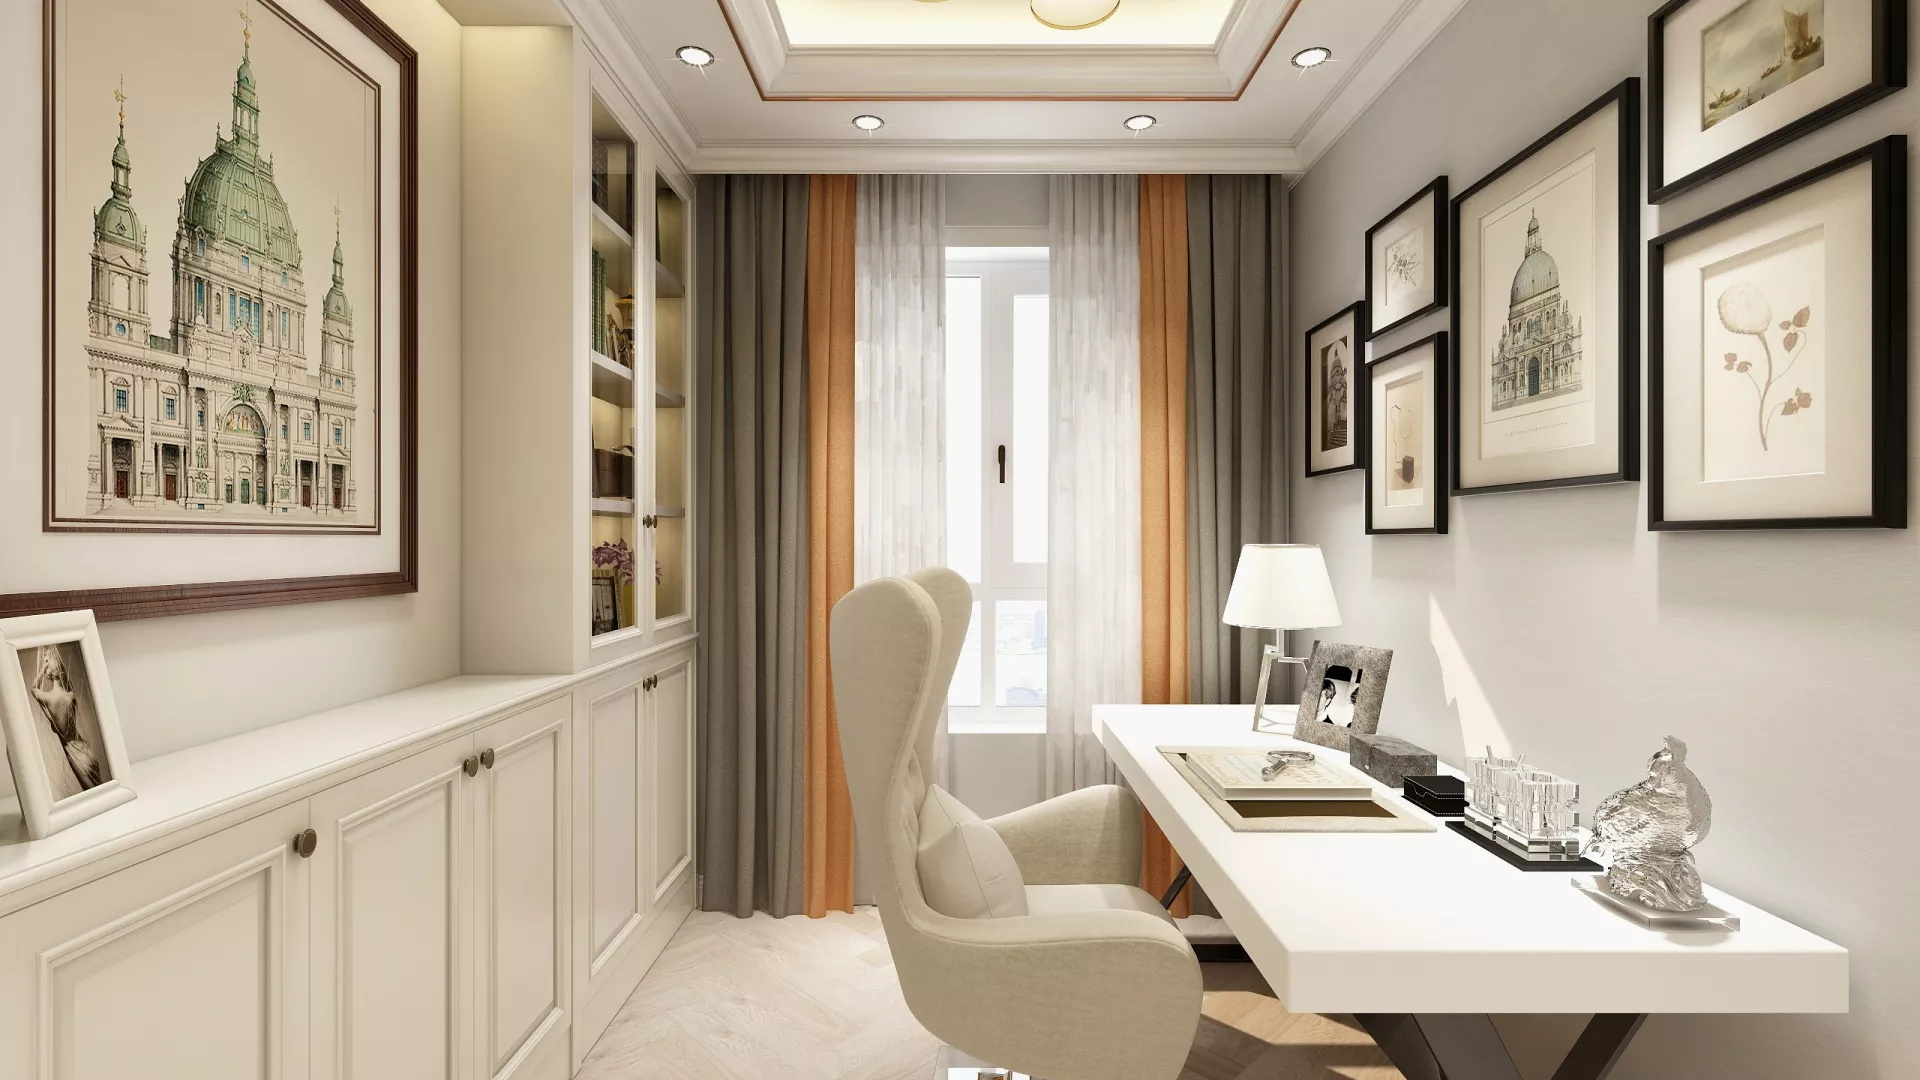 大廳裝修設計有哪些技巧 客廳設計的禁忌事項